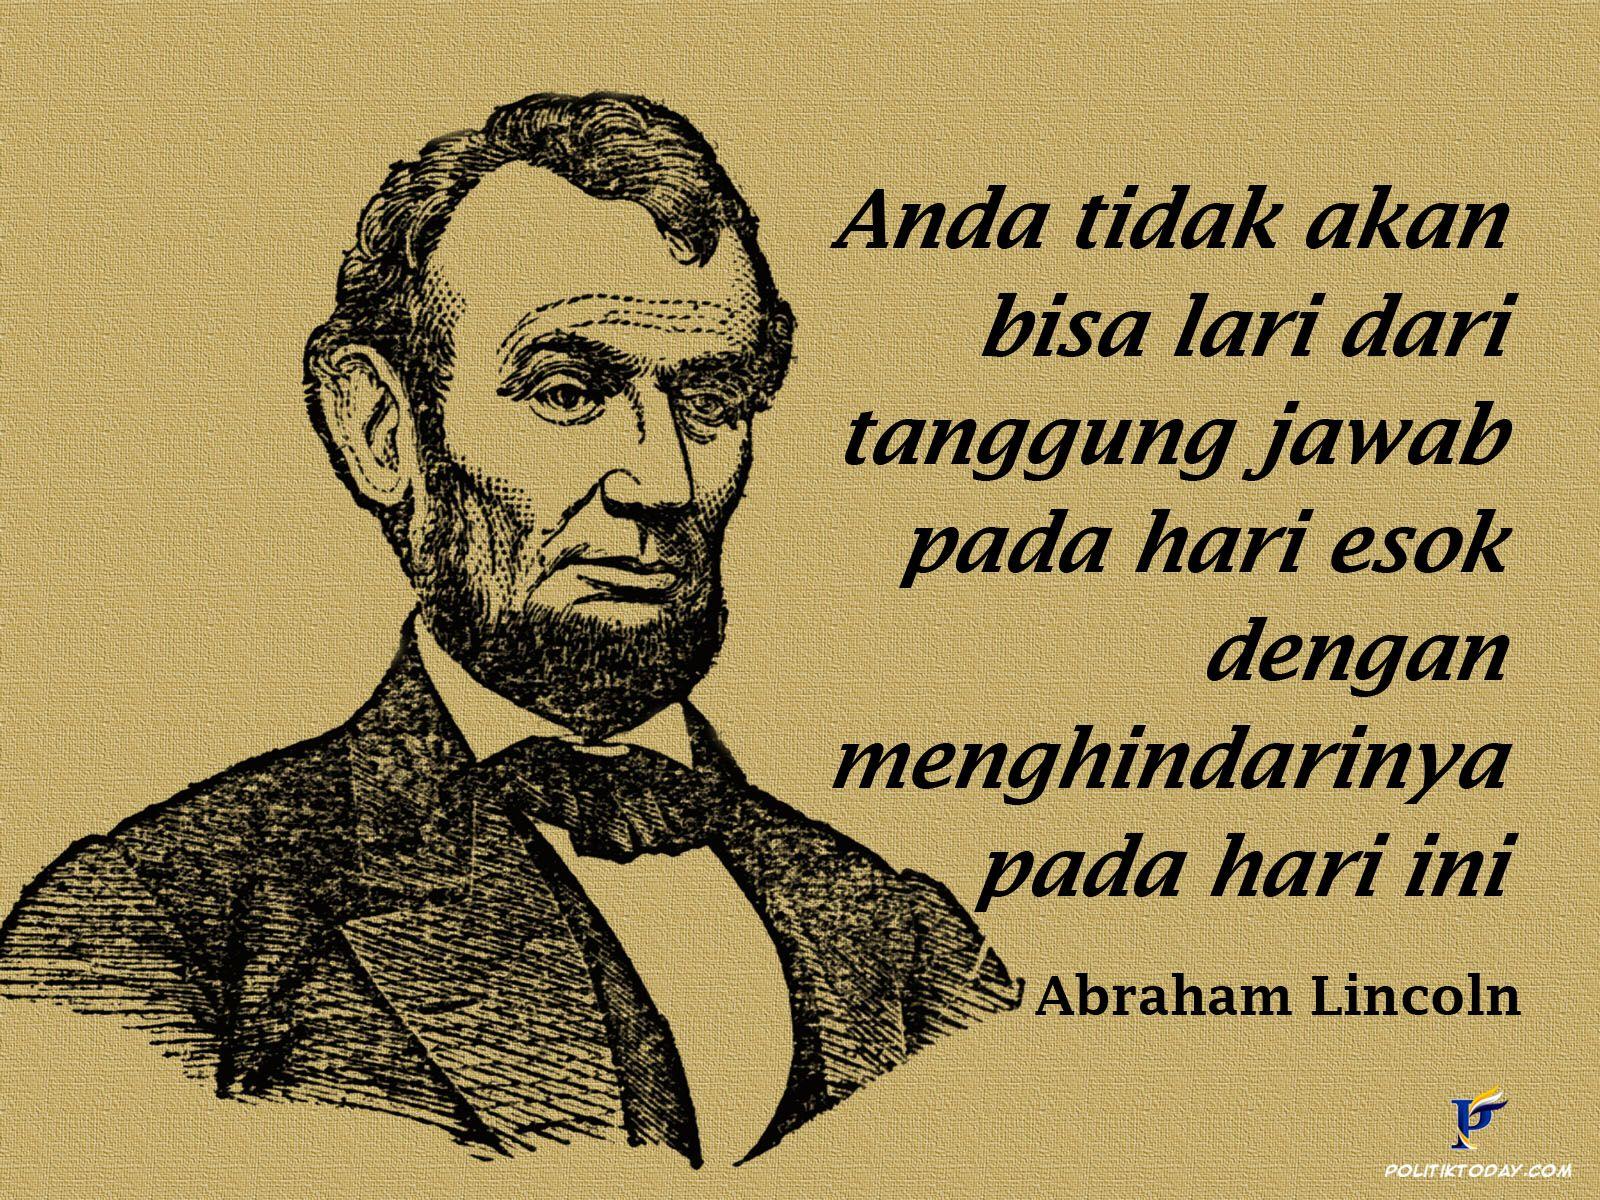 Jangan Lari Dari Tanggung Jawab Hari Esok Bijak Dan Lincoln